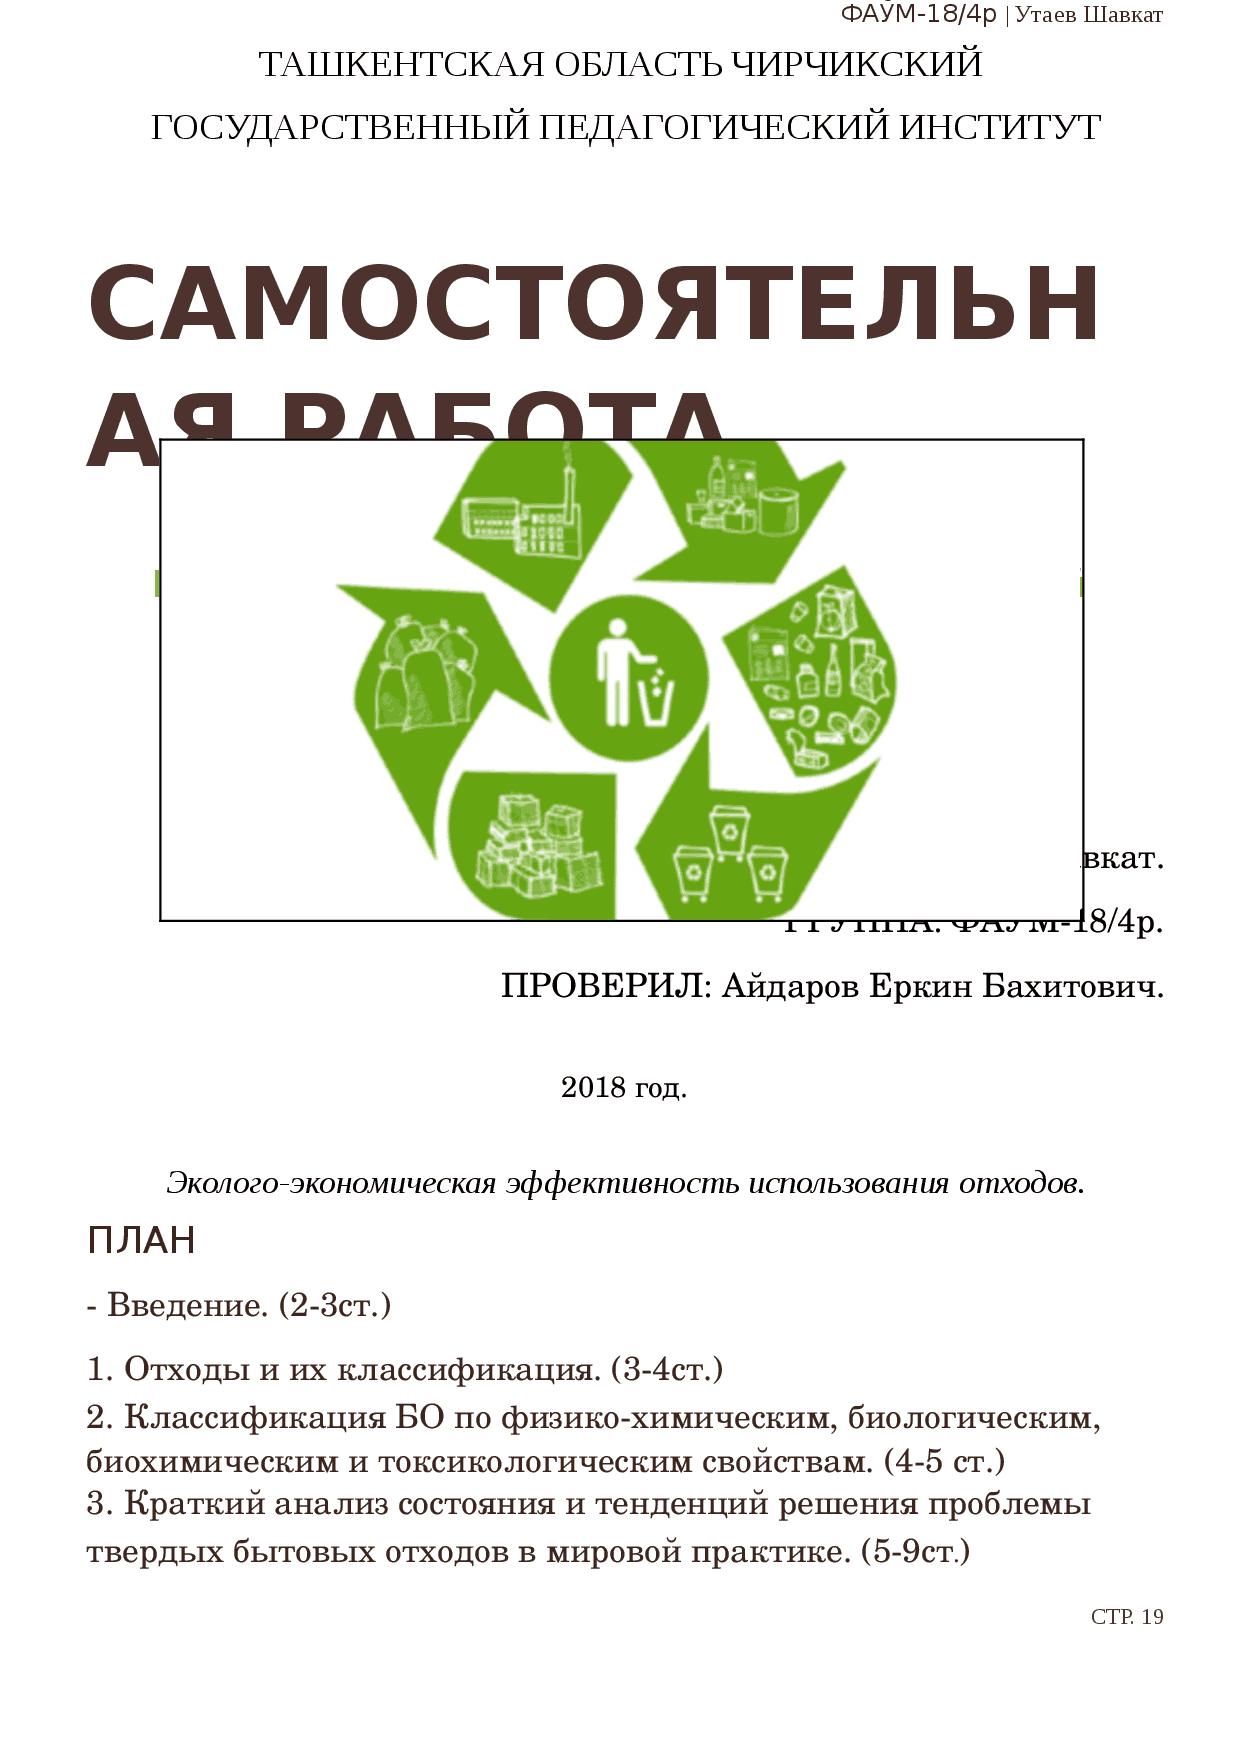 Промышленные отходы - что это такое: примеры, утилизация, переработка